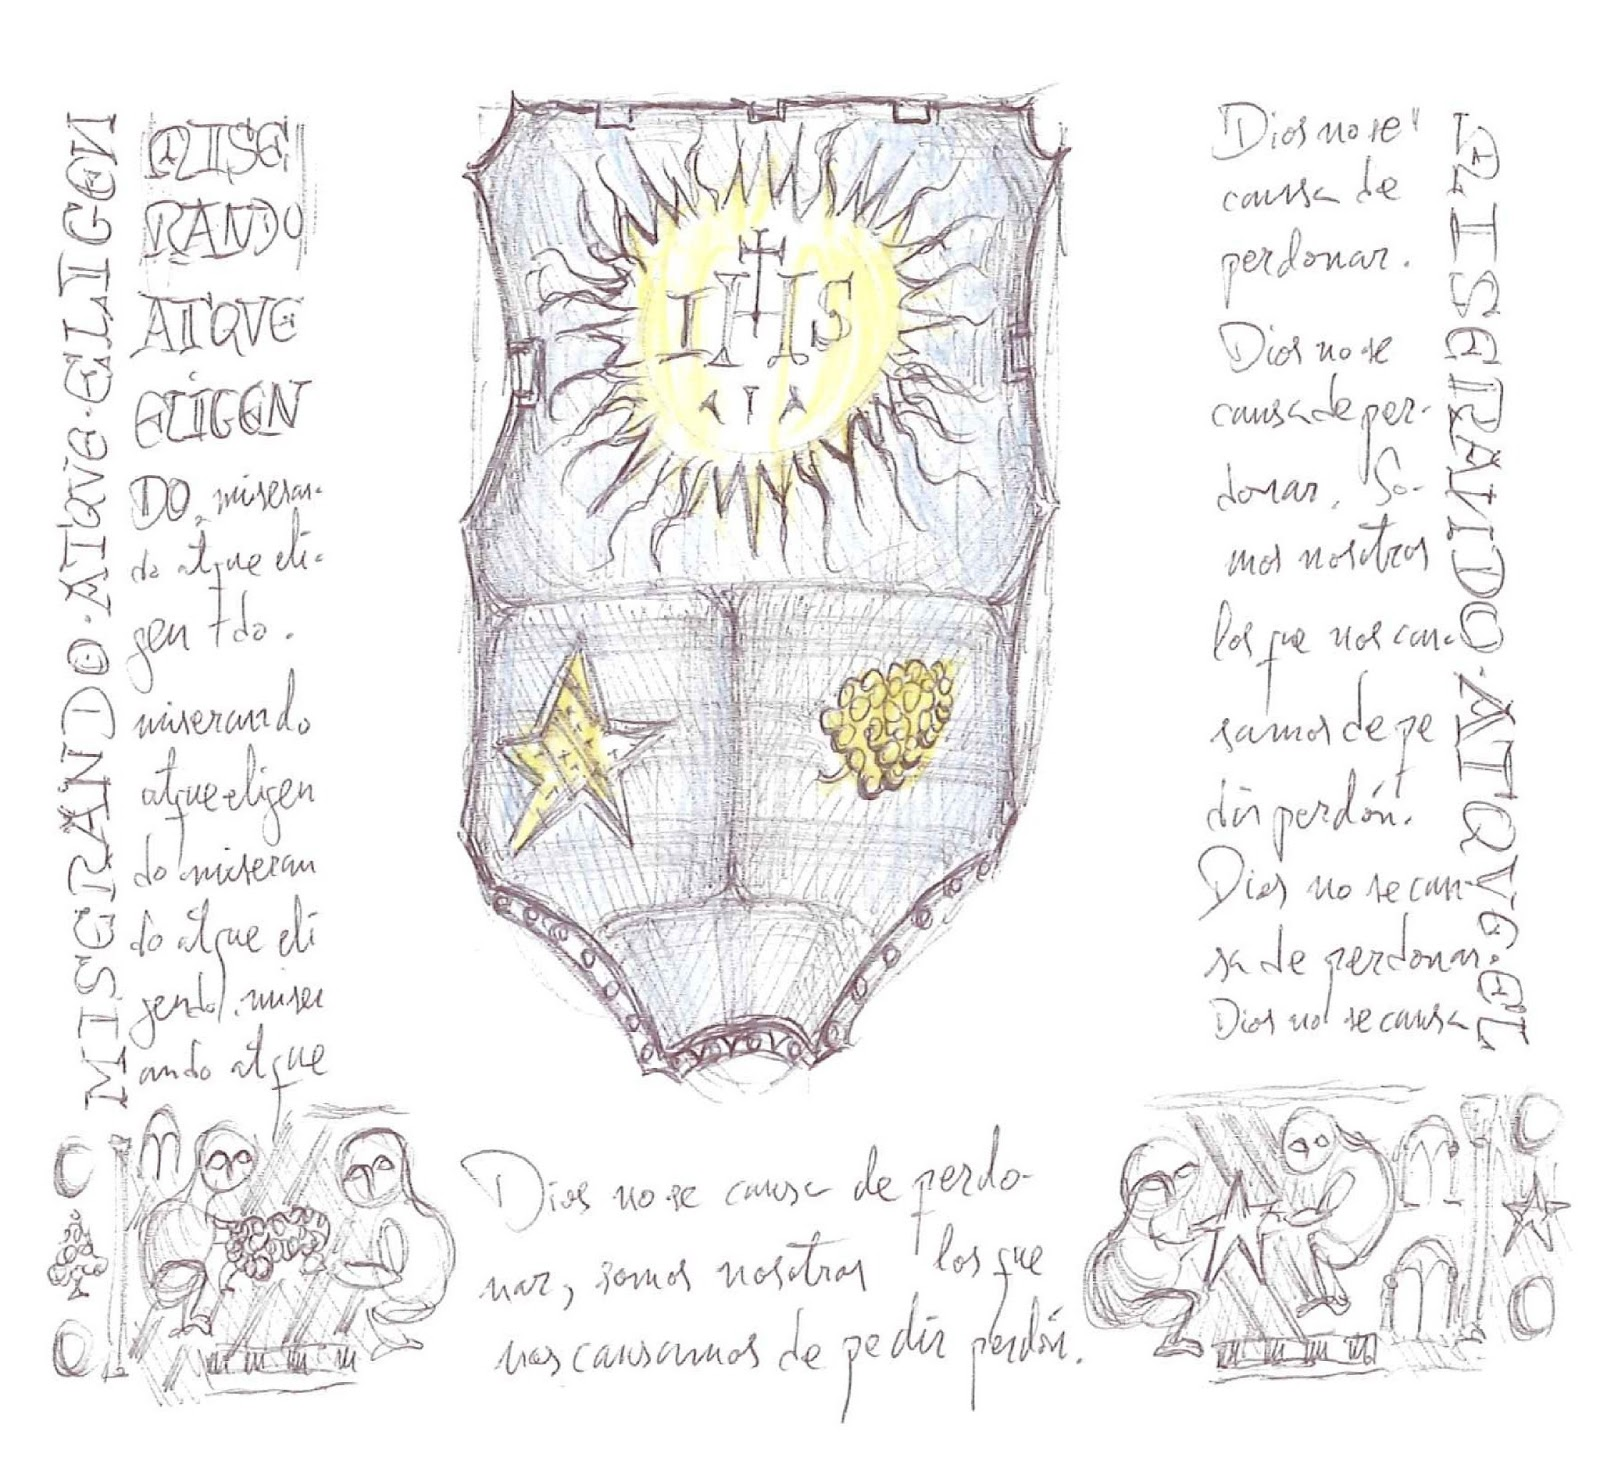 blog del padre Fortea: Una versión artística del escudo papal